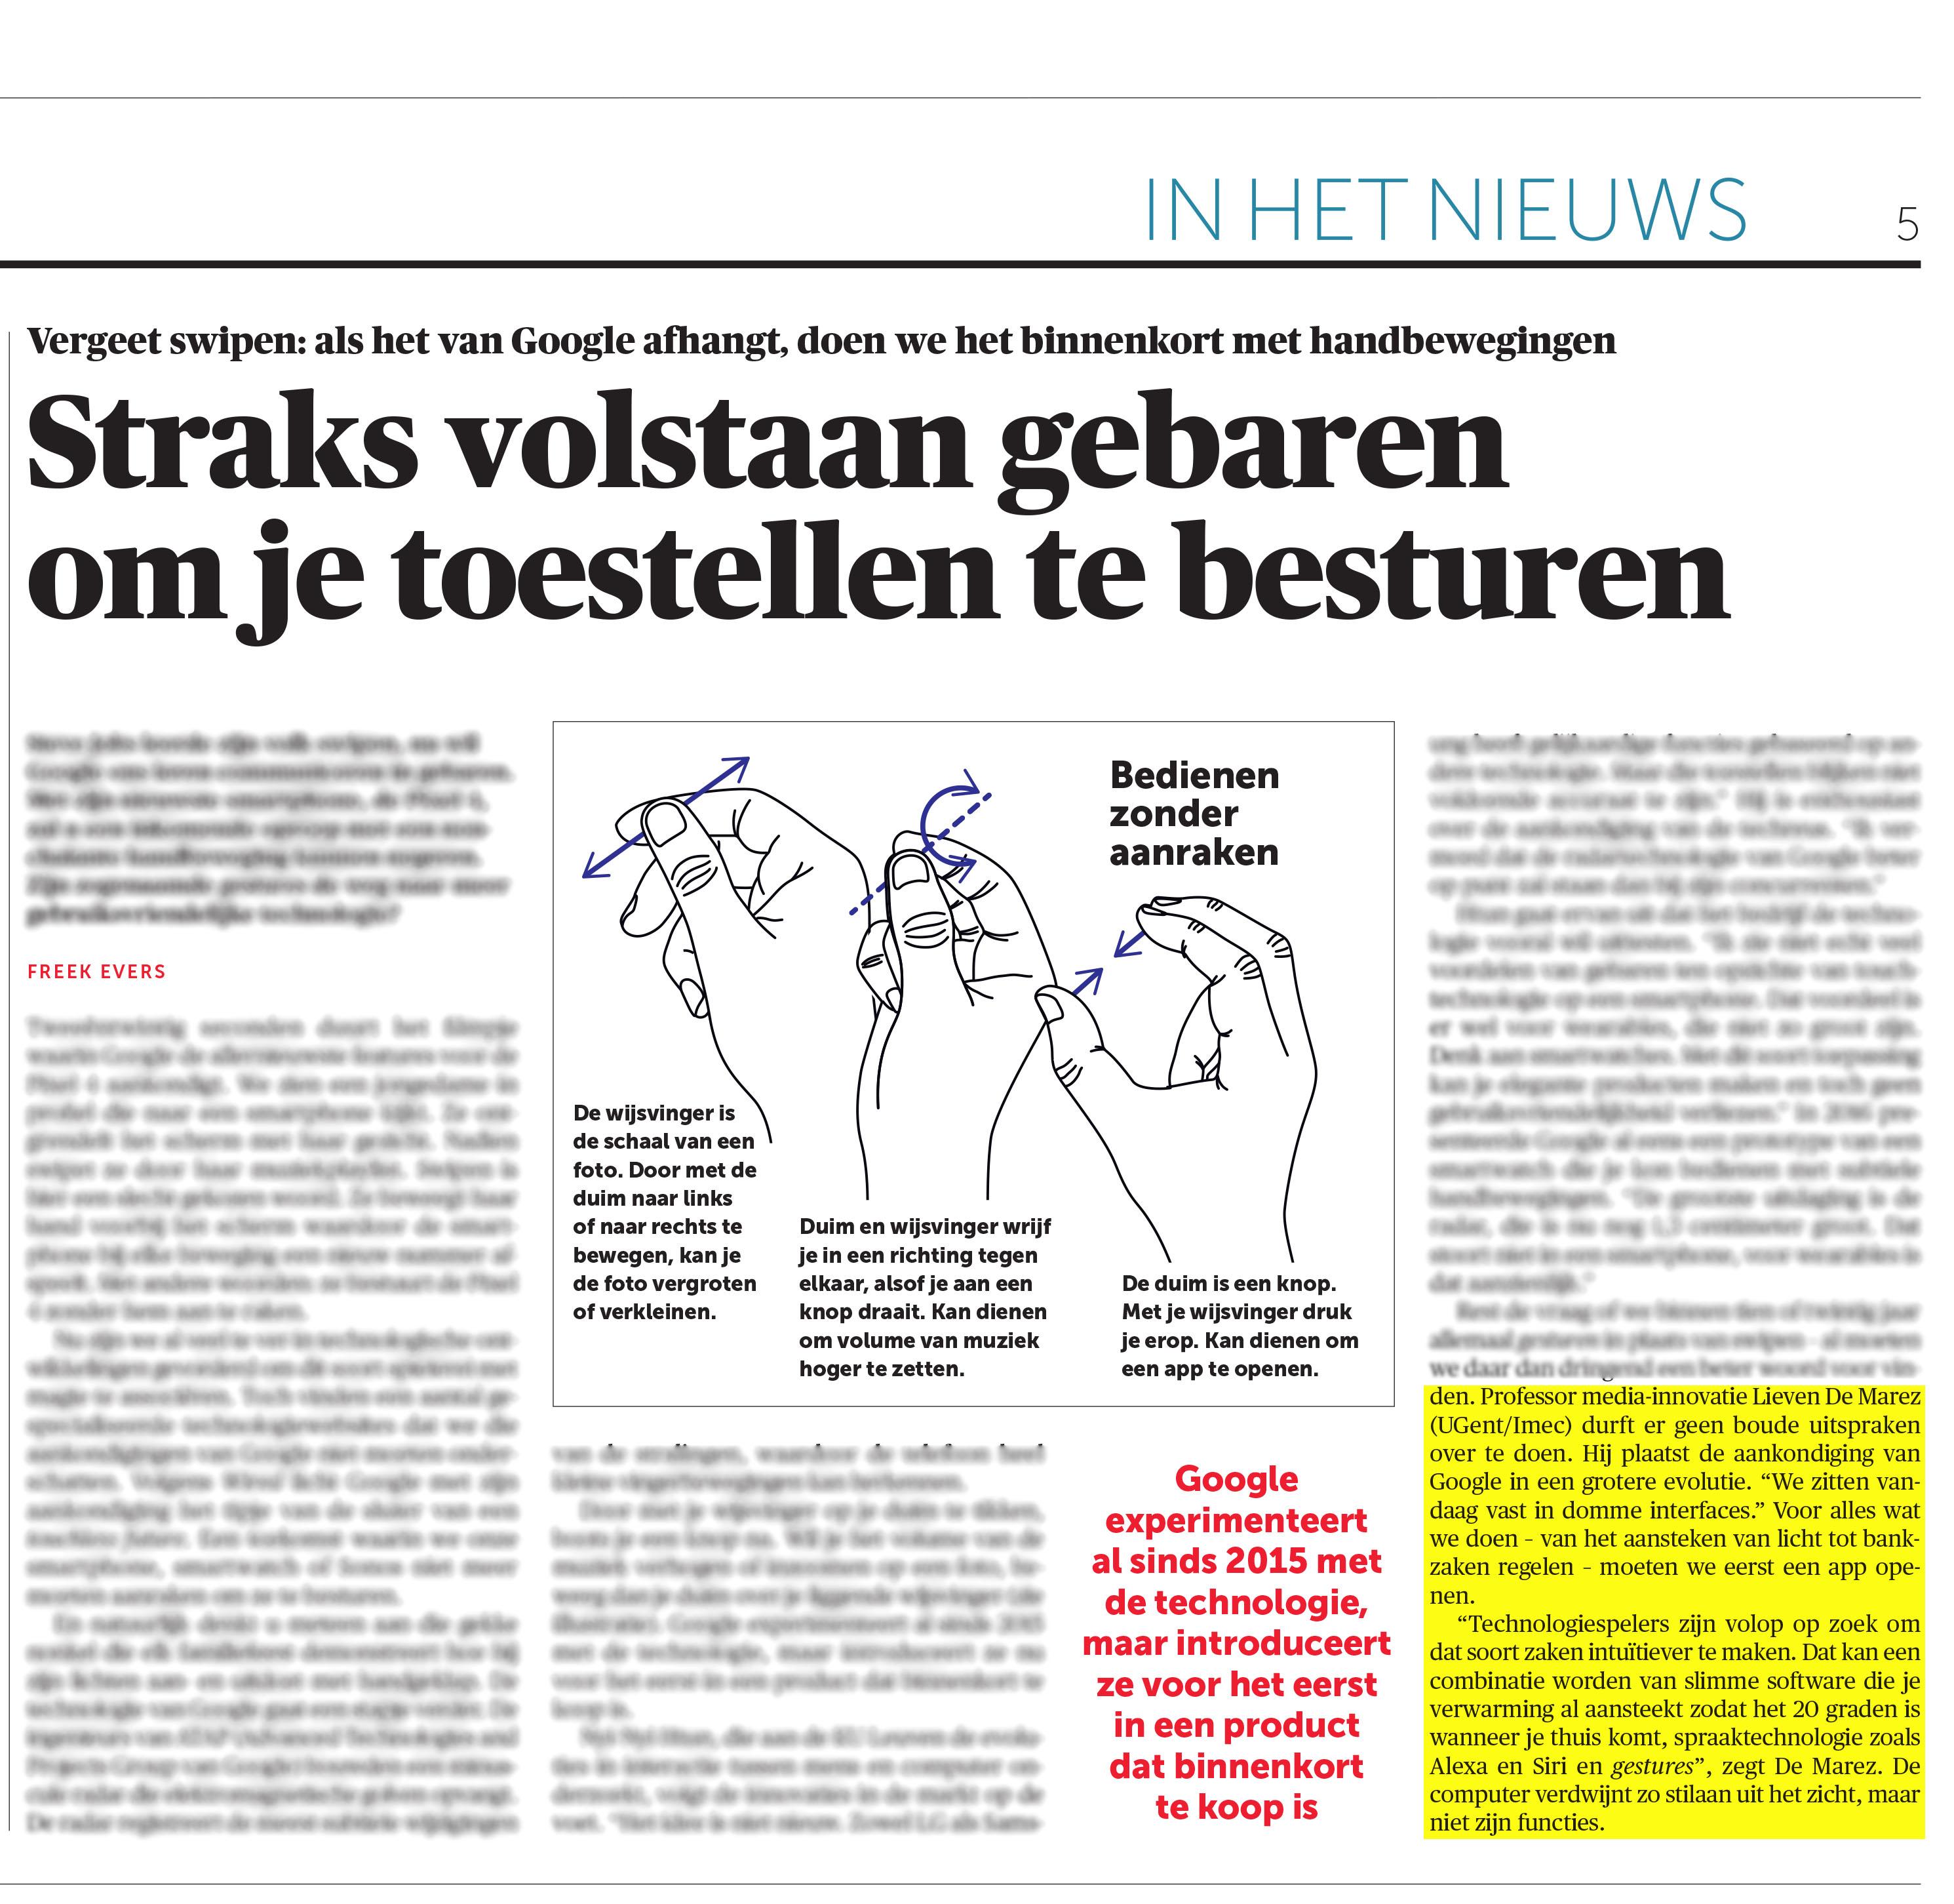 BRON: De Morgen, 02/08/2019, p. 5